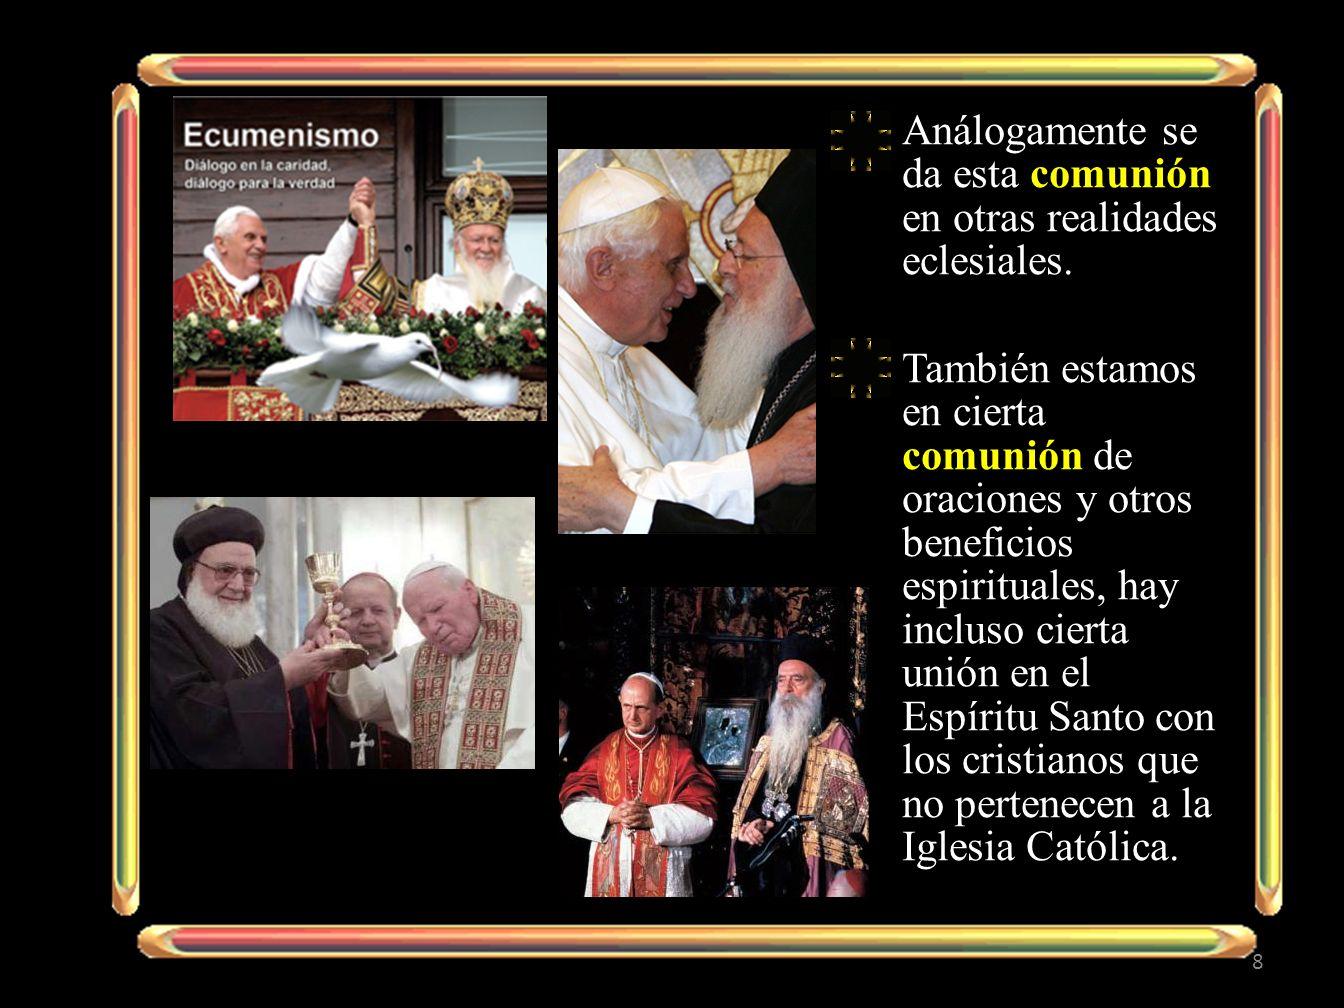 Los obispos han recibido la misión de enseñar como testigos auténticos de fa fe apostólica; de santificar dispensando la gracia de Cristo en el ministerio de la Palabra y de los sacramentos, en particular de la Eucaristía; y gobernar al pueblo de Dios en la tierra.